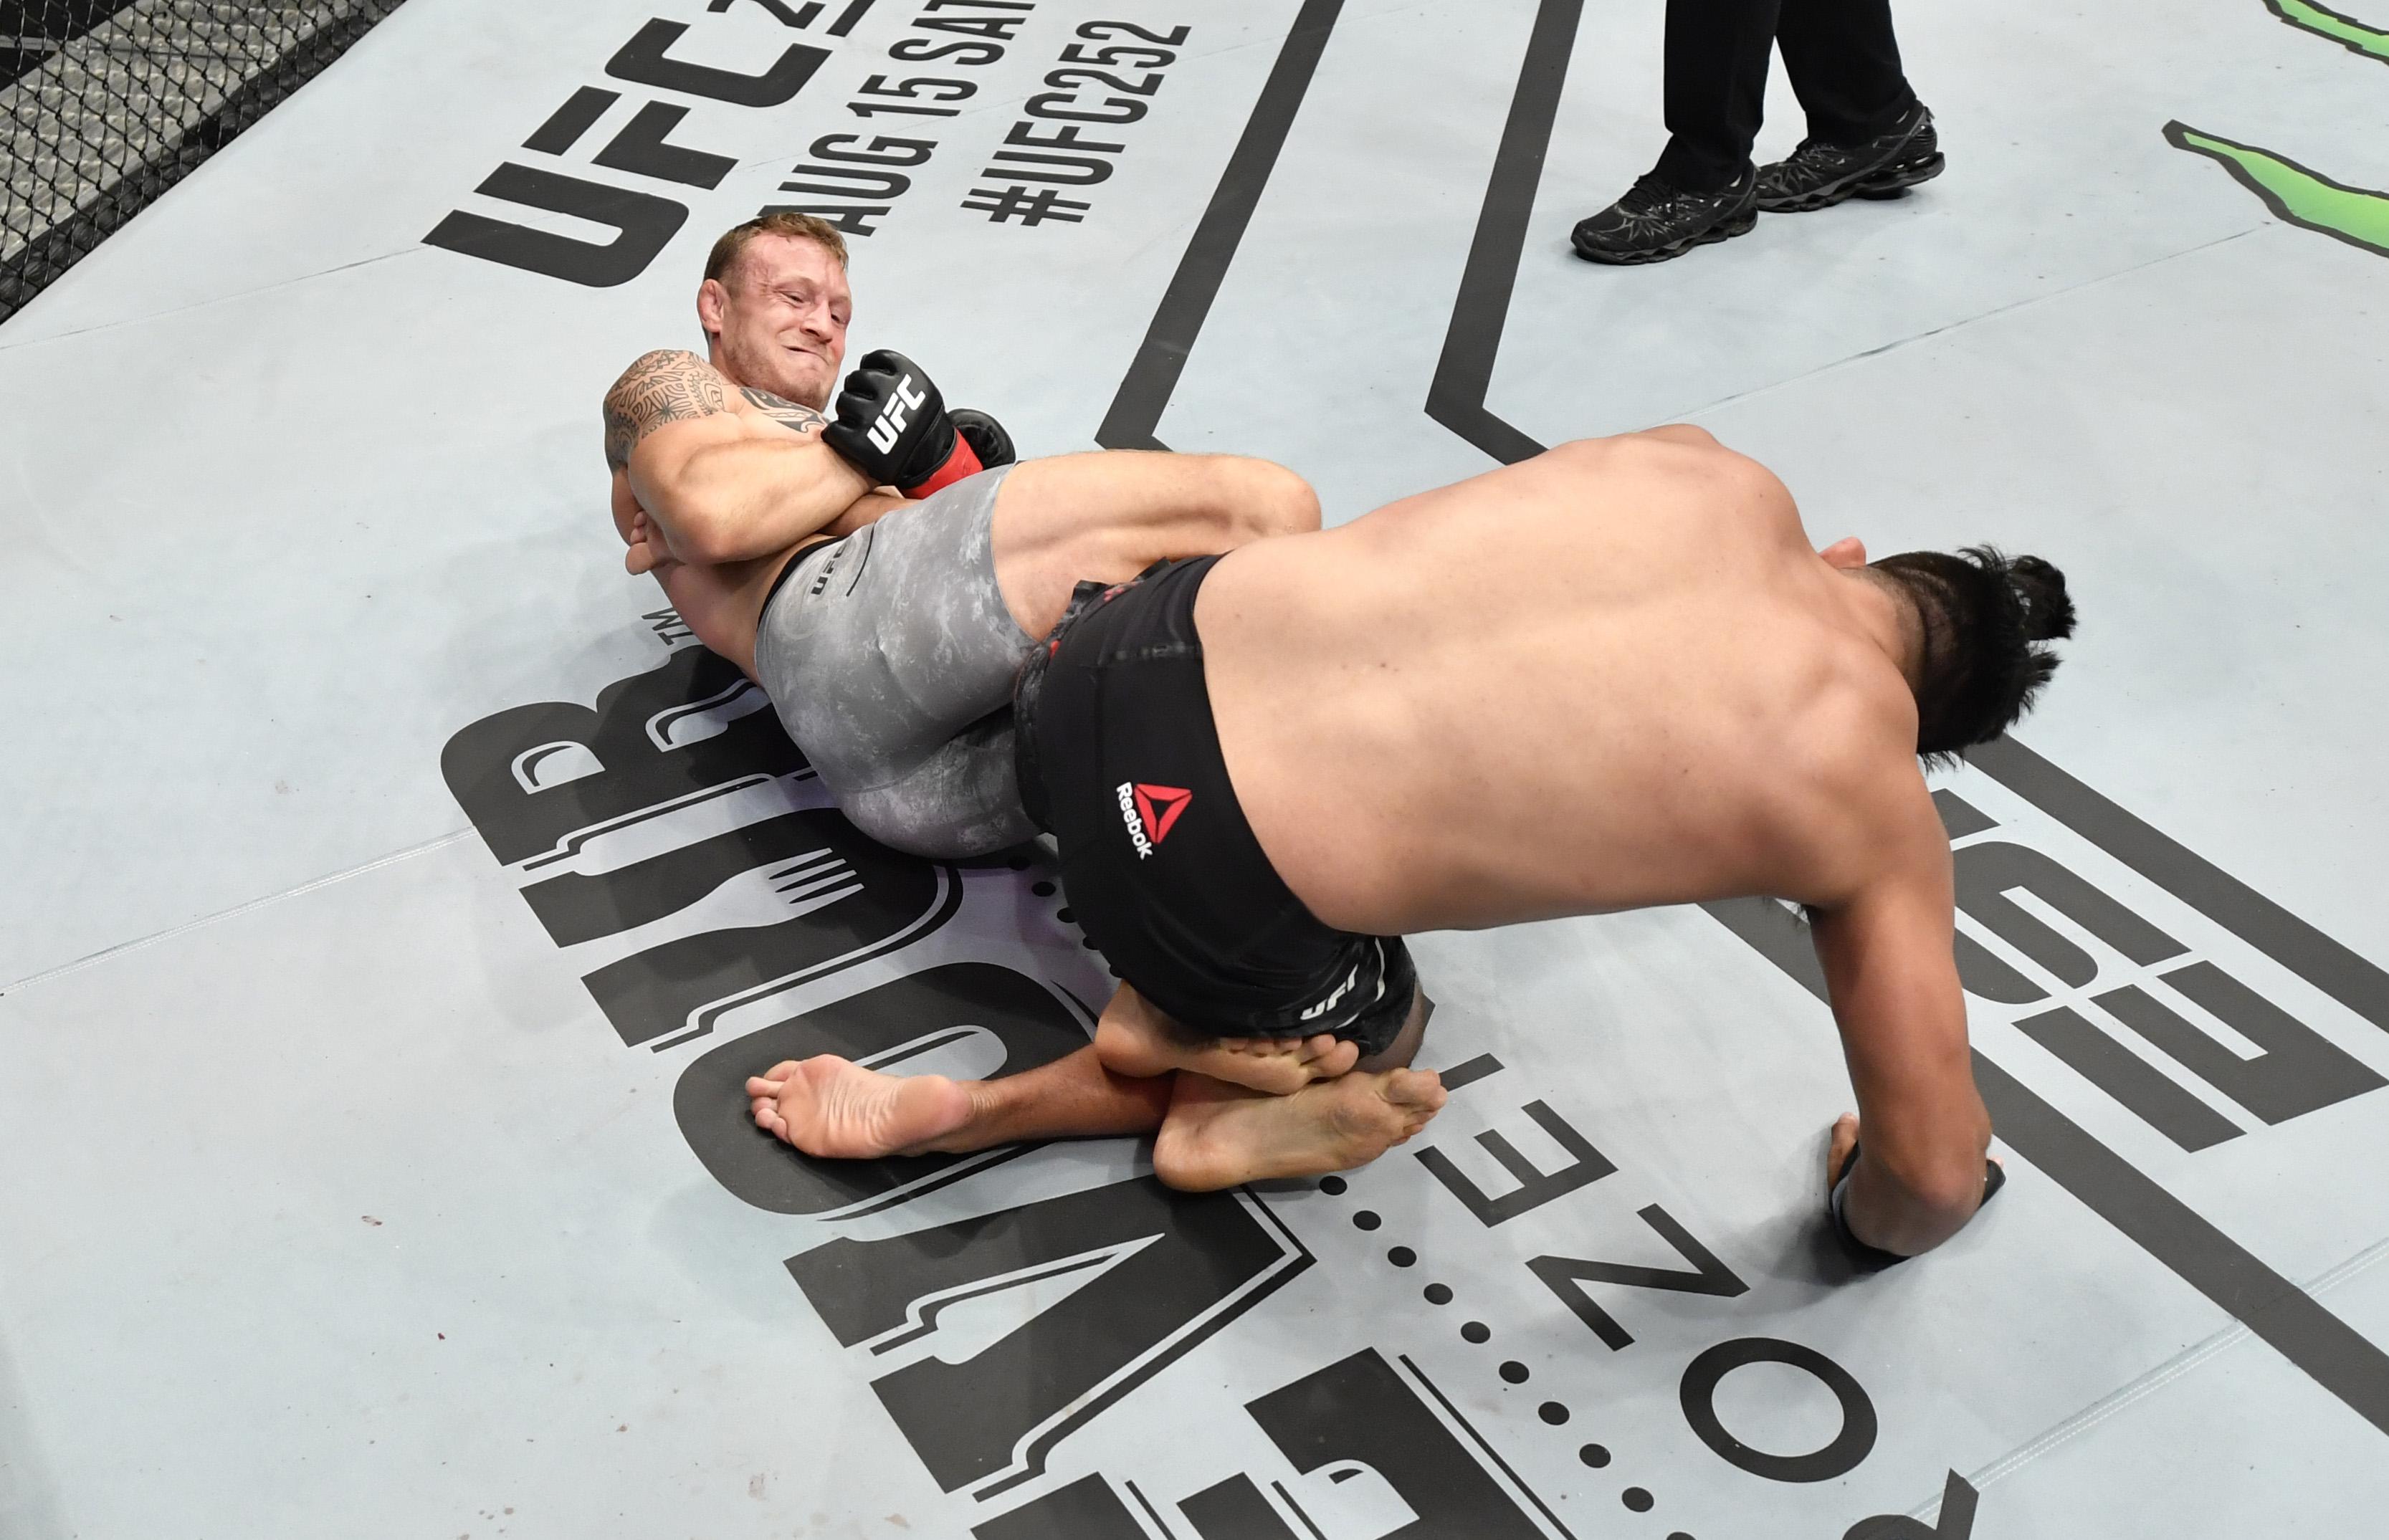 UFC fighter Jack Hermansson of Sweden